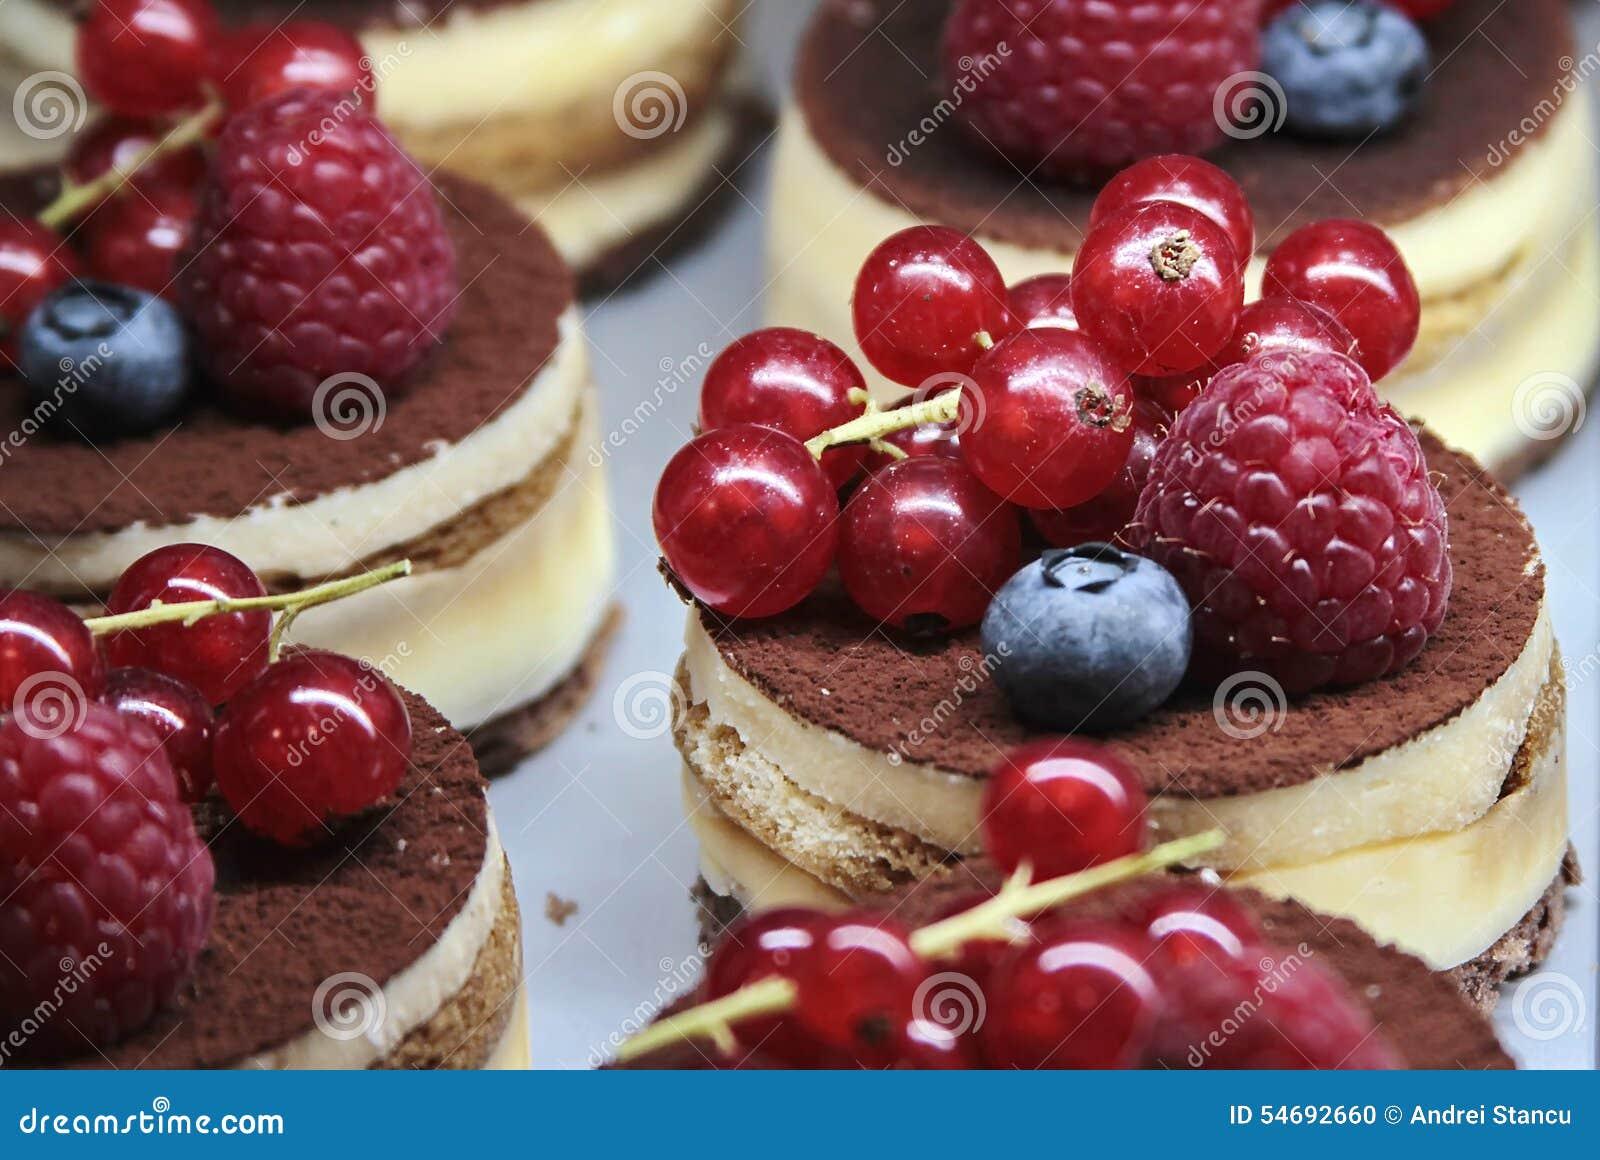 Cakes met room en bessen